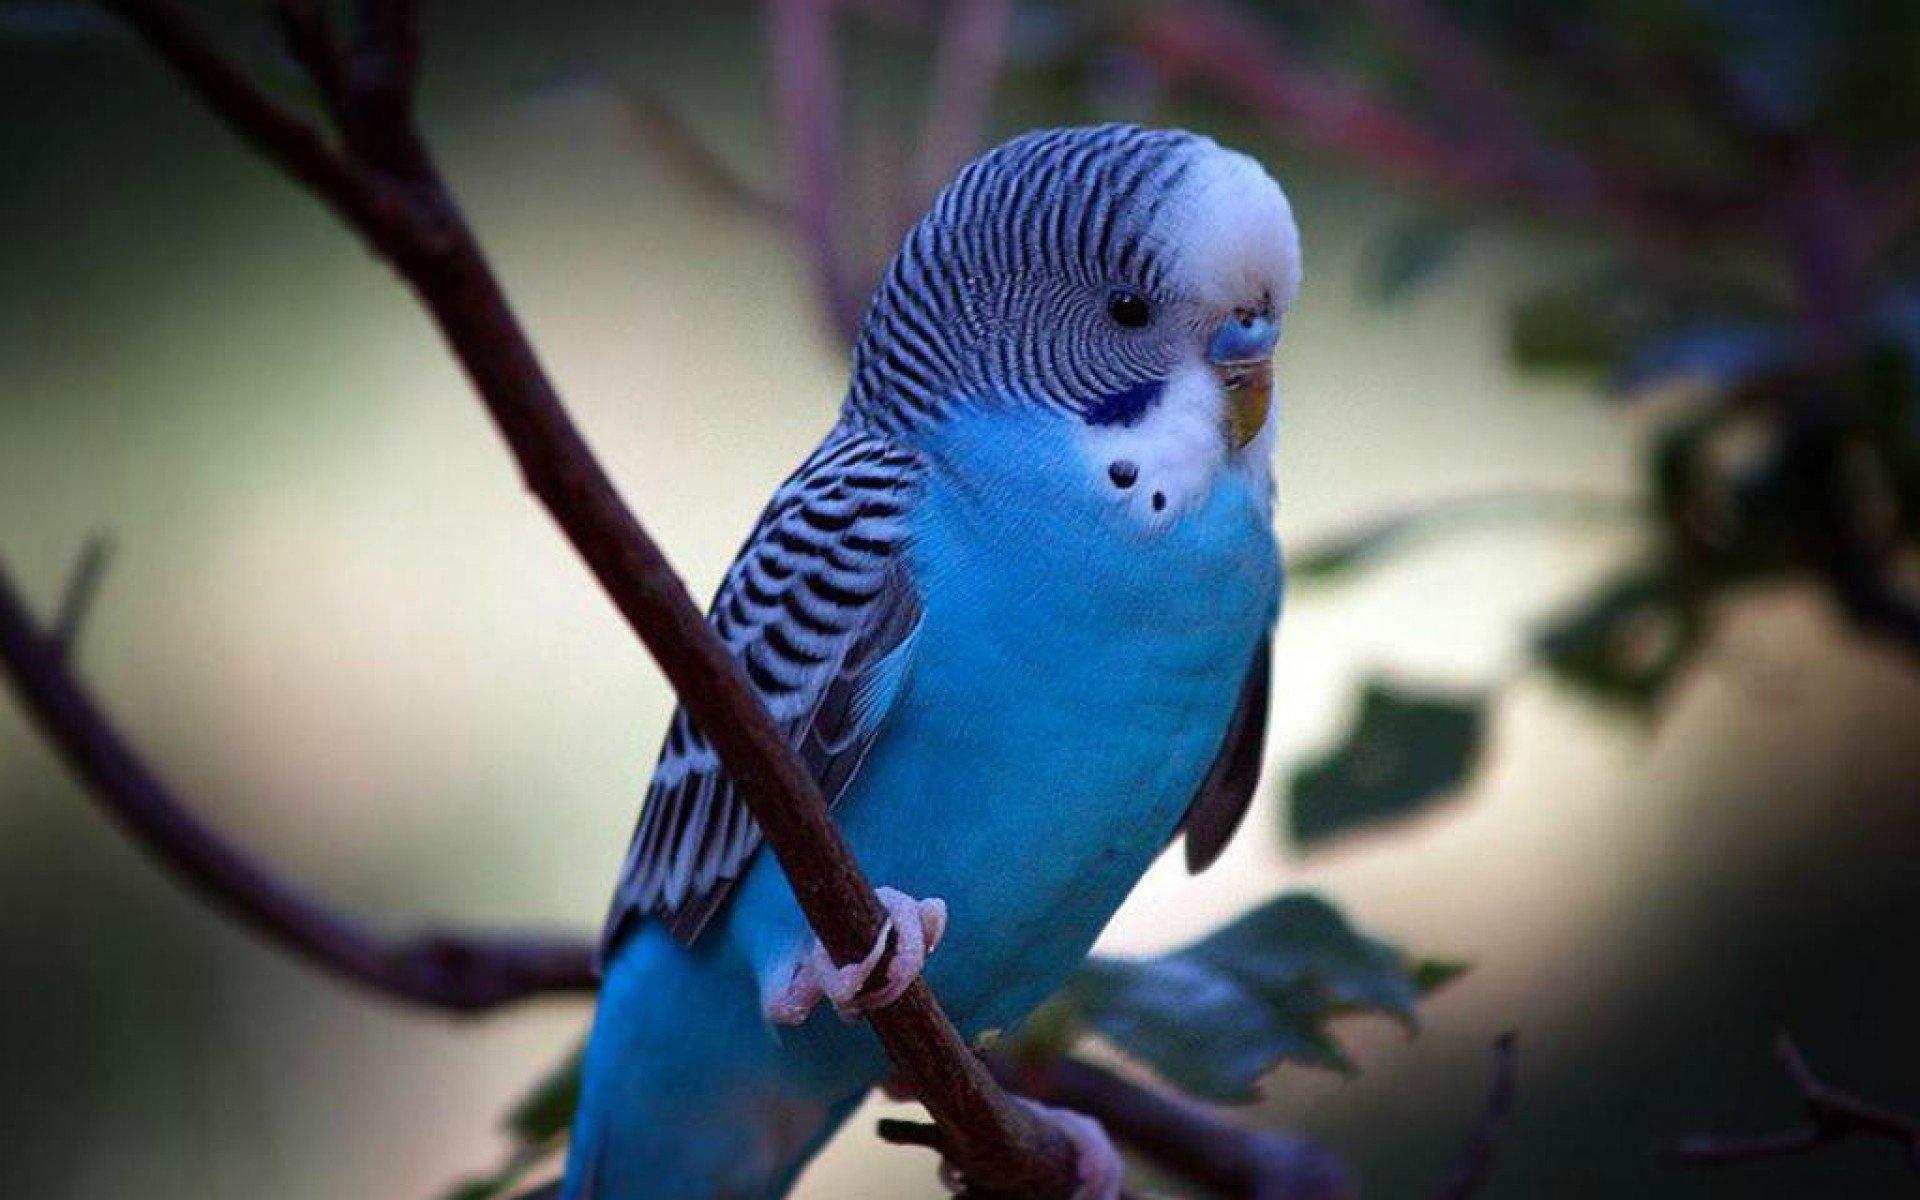 Blue Budgie Parakeet Parakeet Budgie Parrot Bird